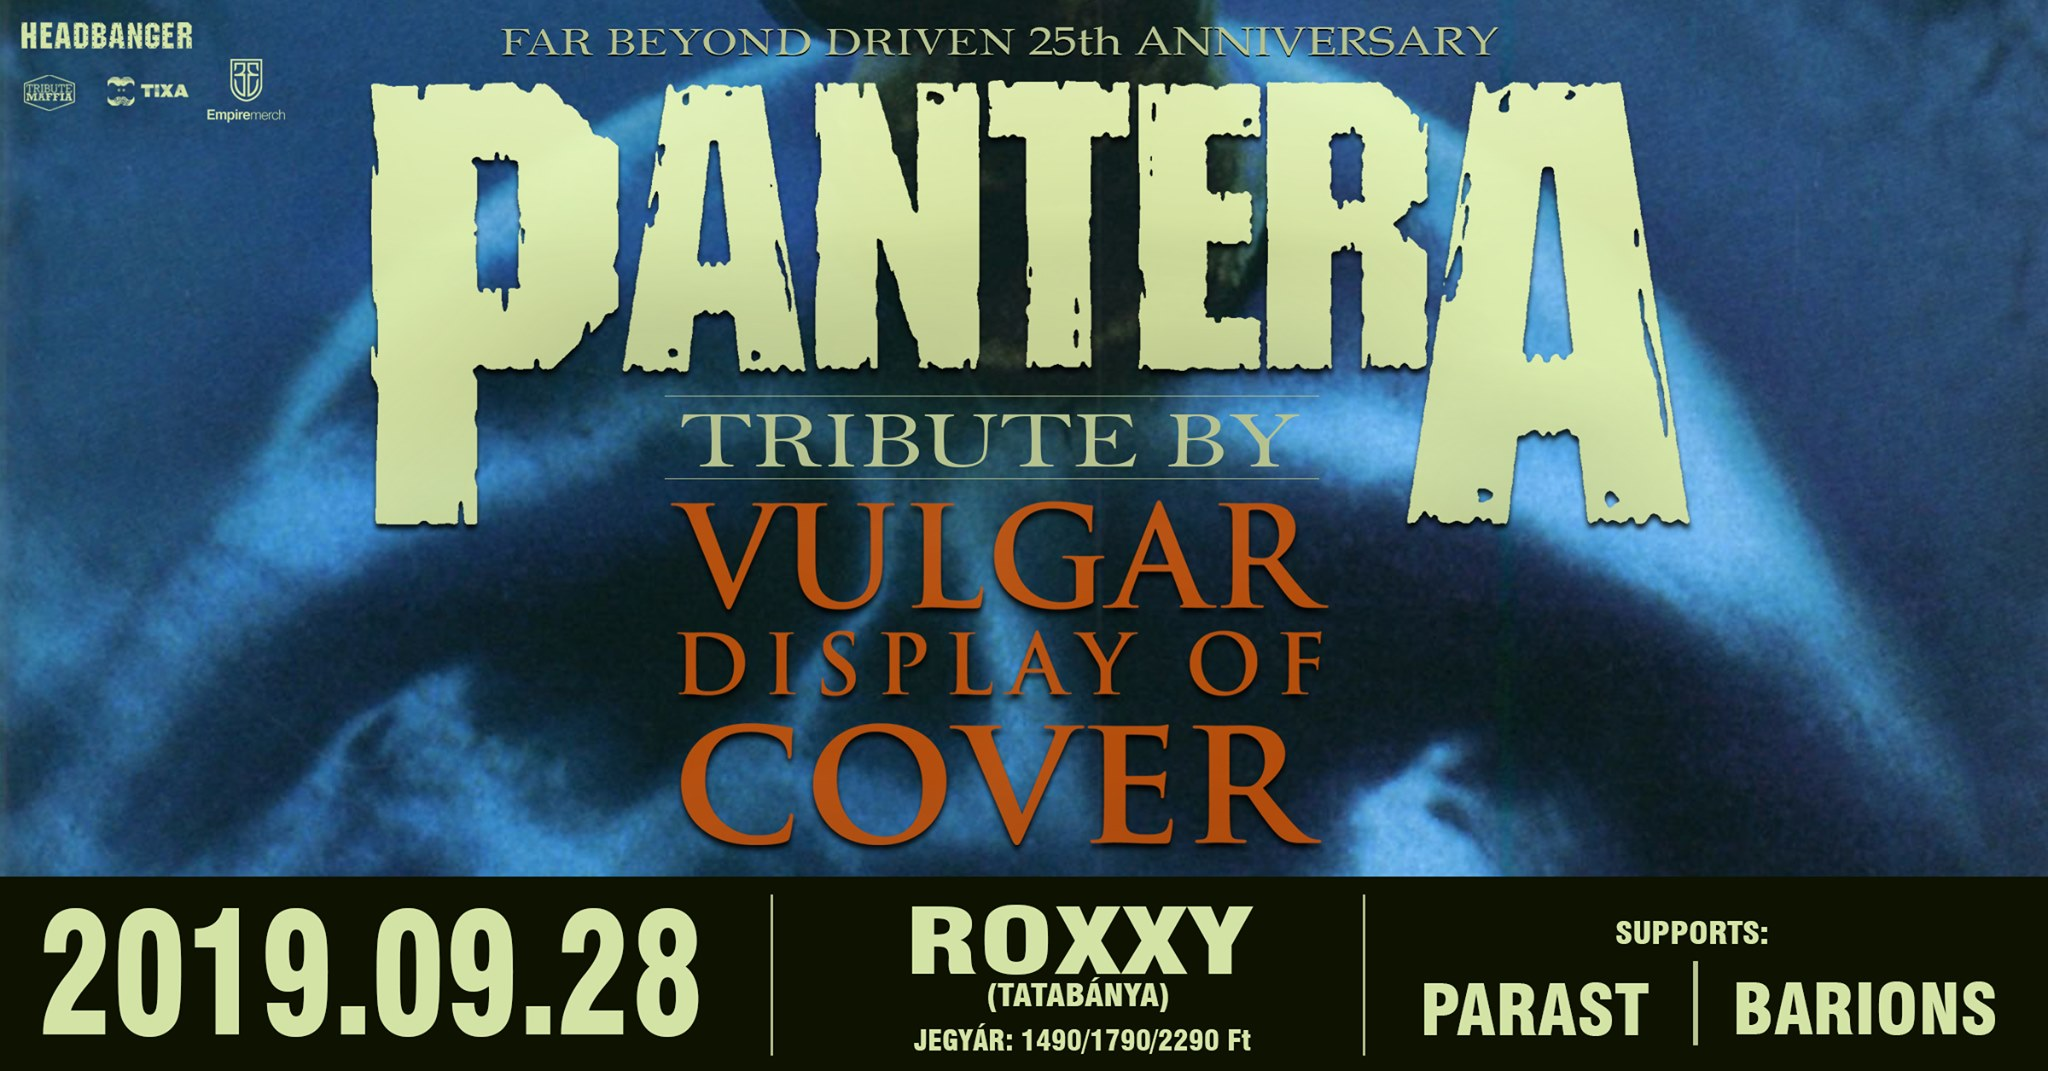 Vulgar Display of Cover